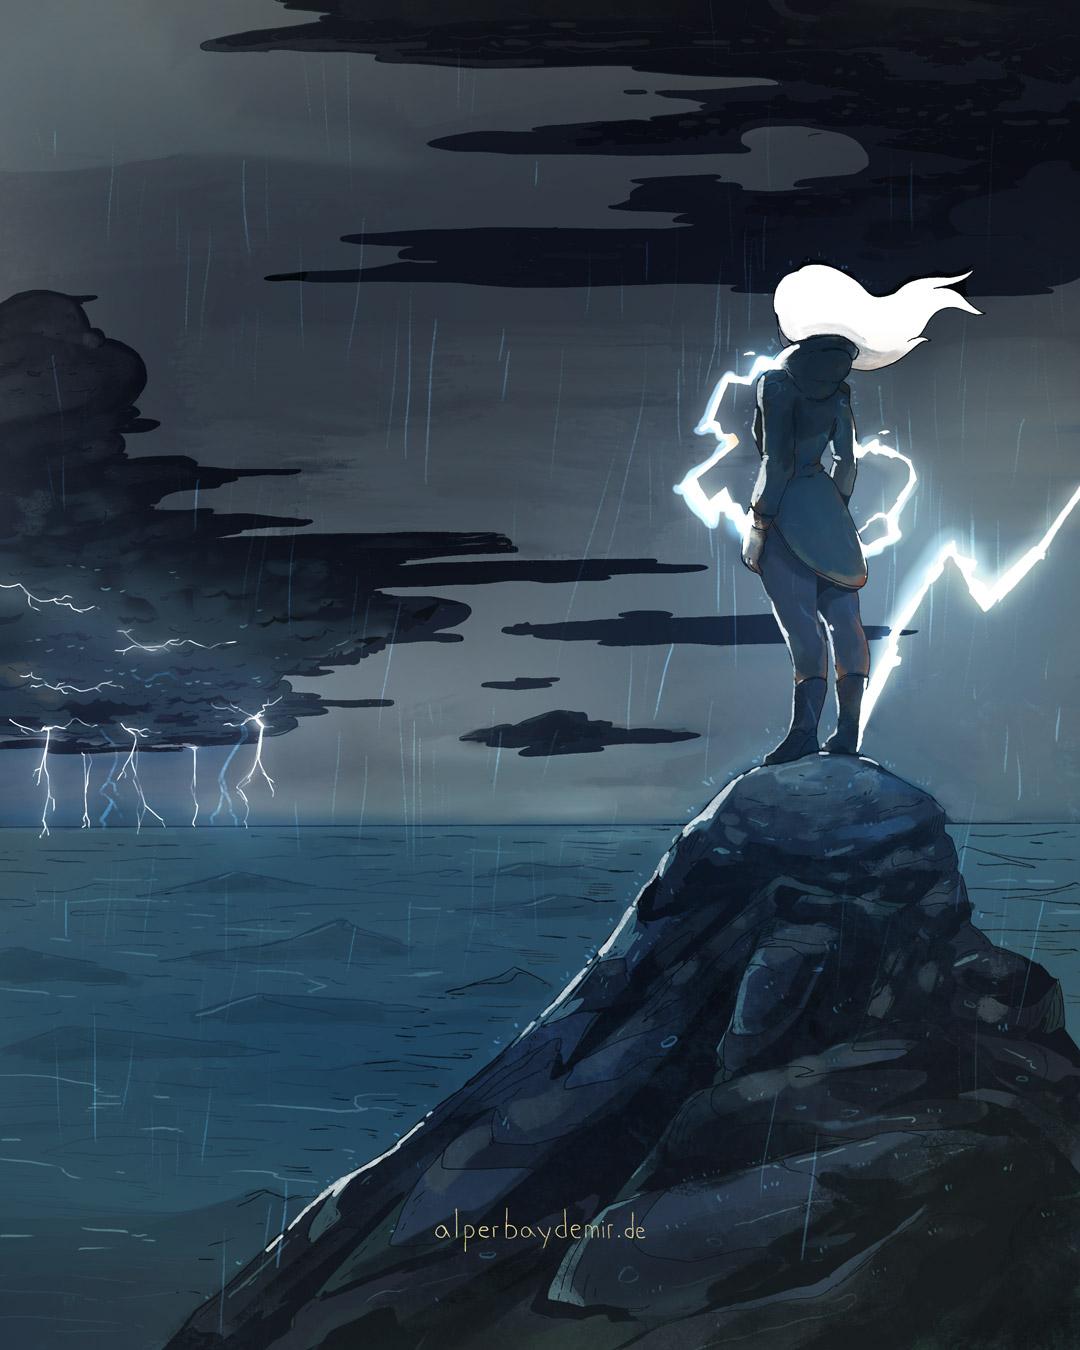 illustration-Eine-Frau-umgeben-von-Blitzen-blickt-auf-eine-Gewitterwolke